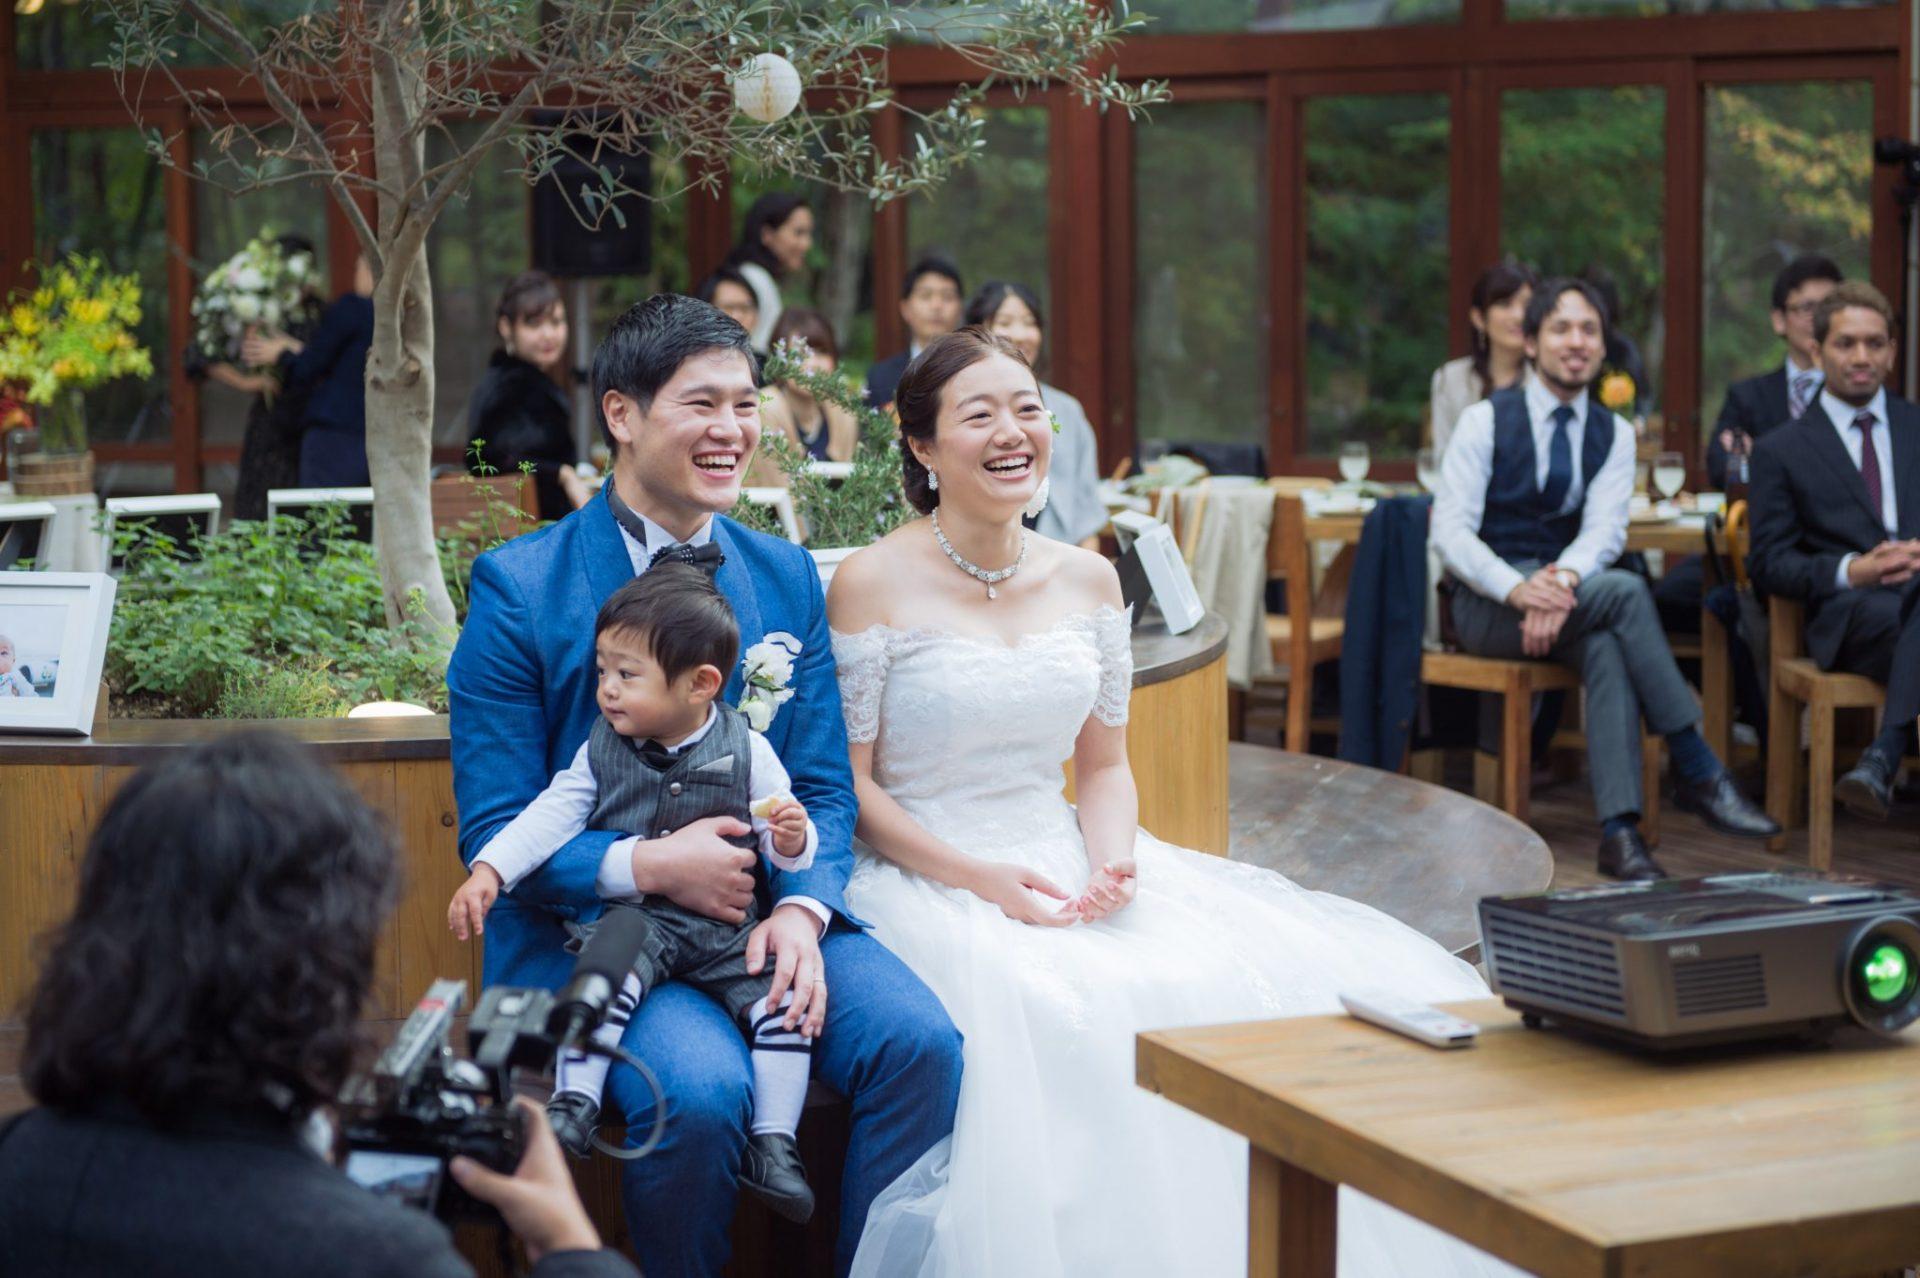 べるが(verga)での結婚式-VTR